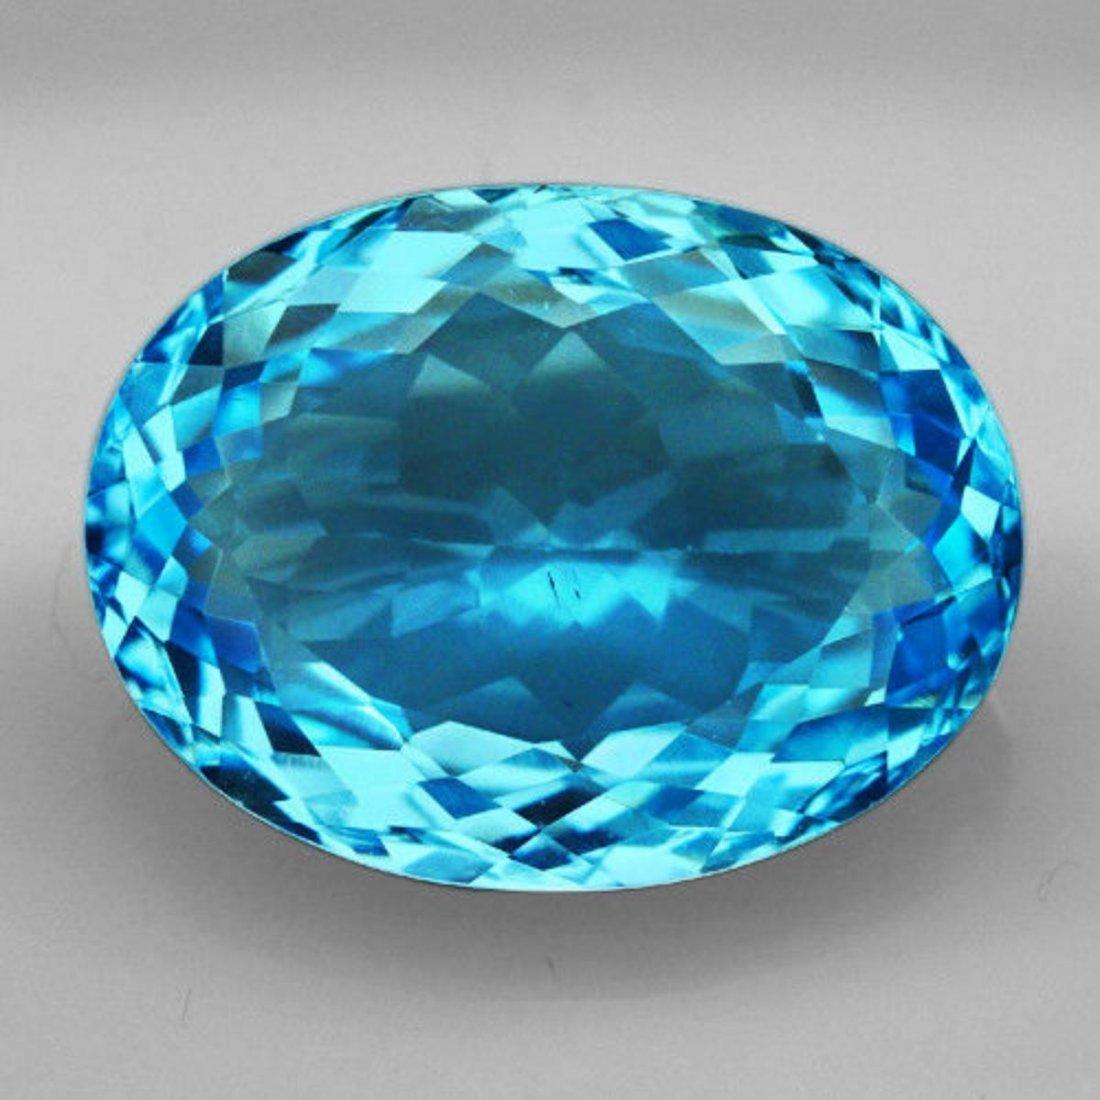 Natural Brillant Cut Sky Blue Topaz 30.40 Ct - VVS